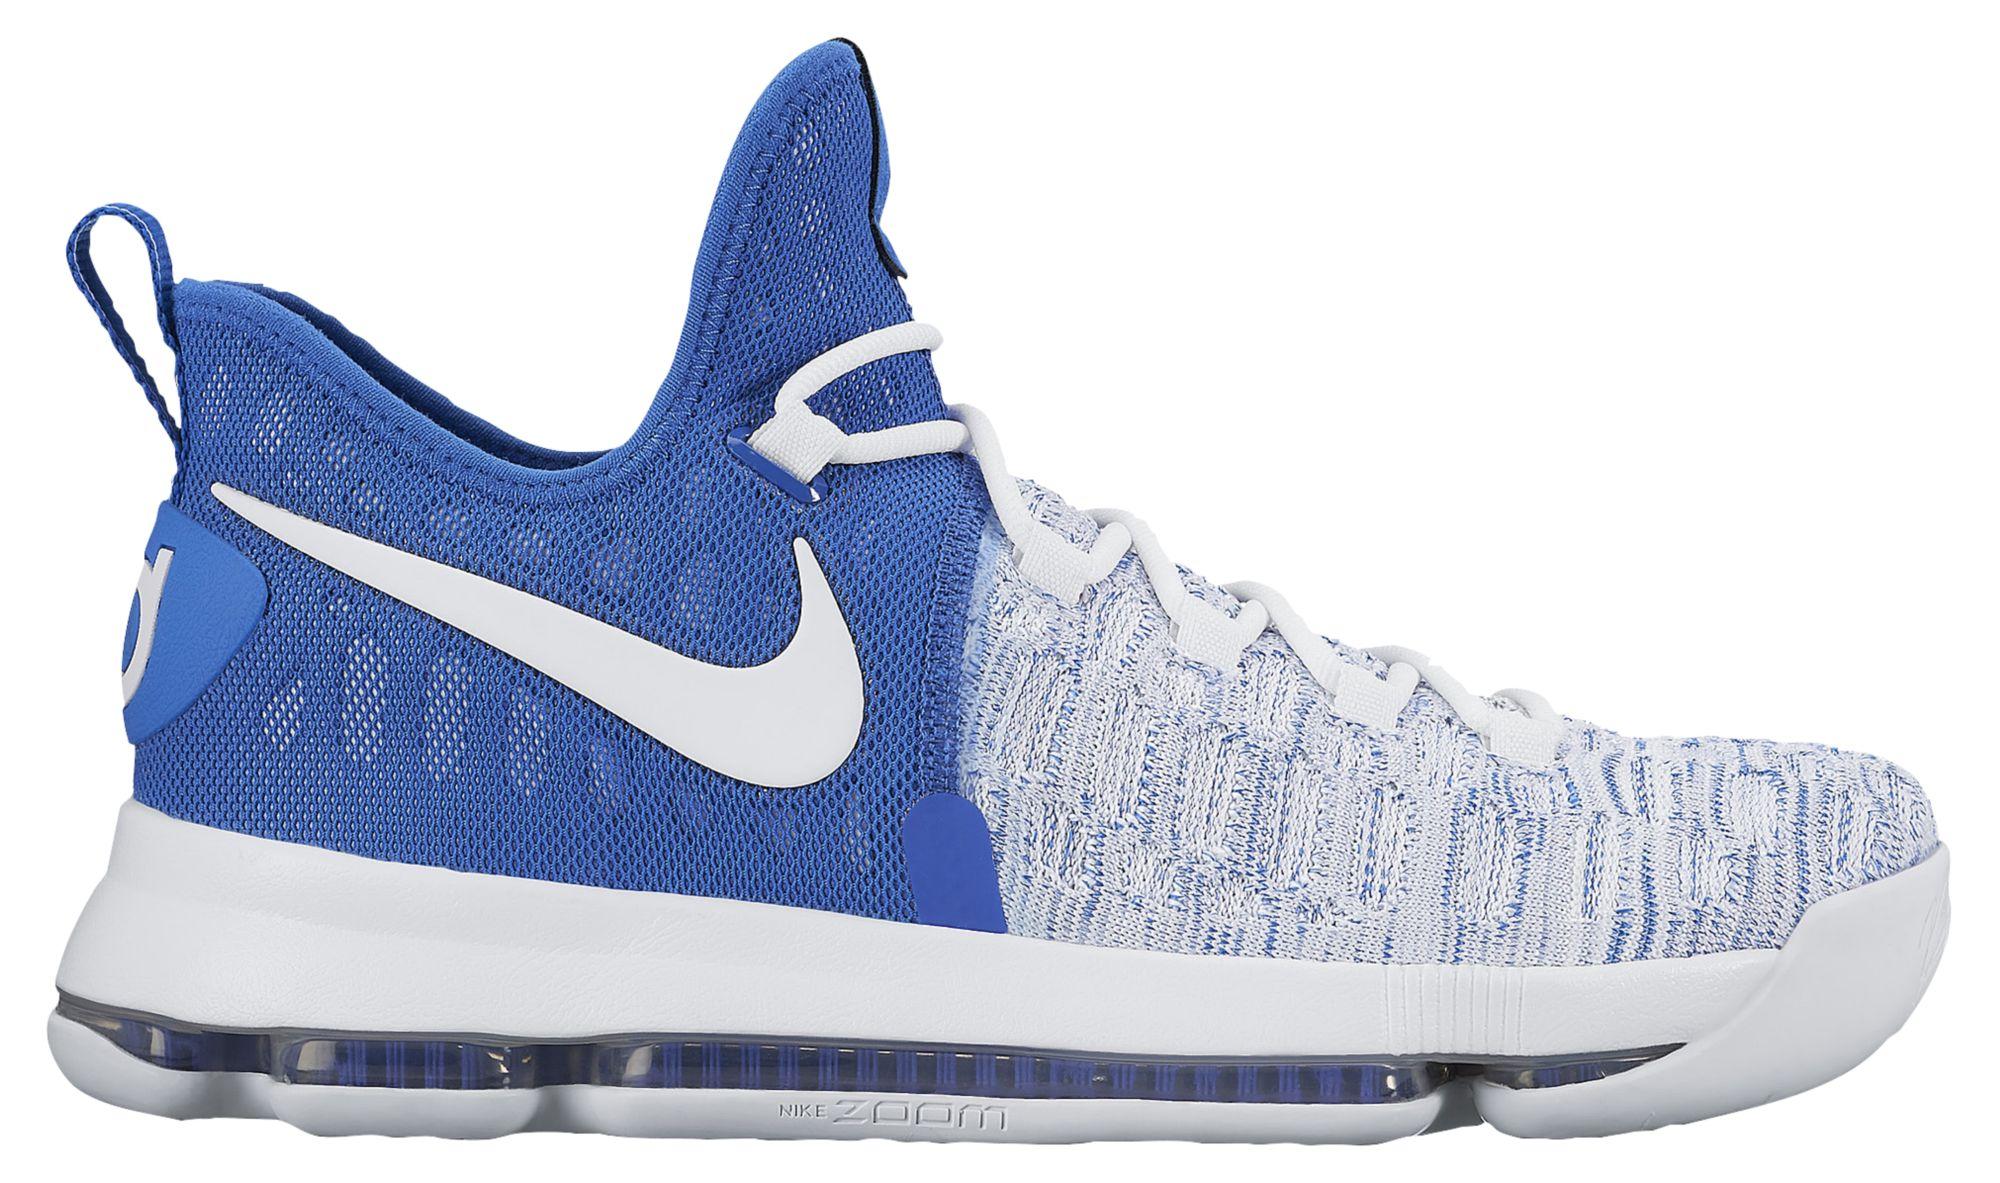 Nike KD 9 Home II White Blue Release Date 843392-411